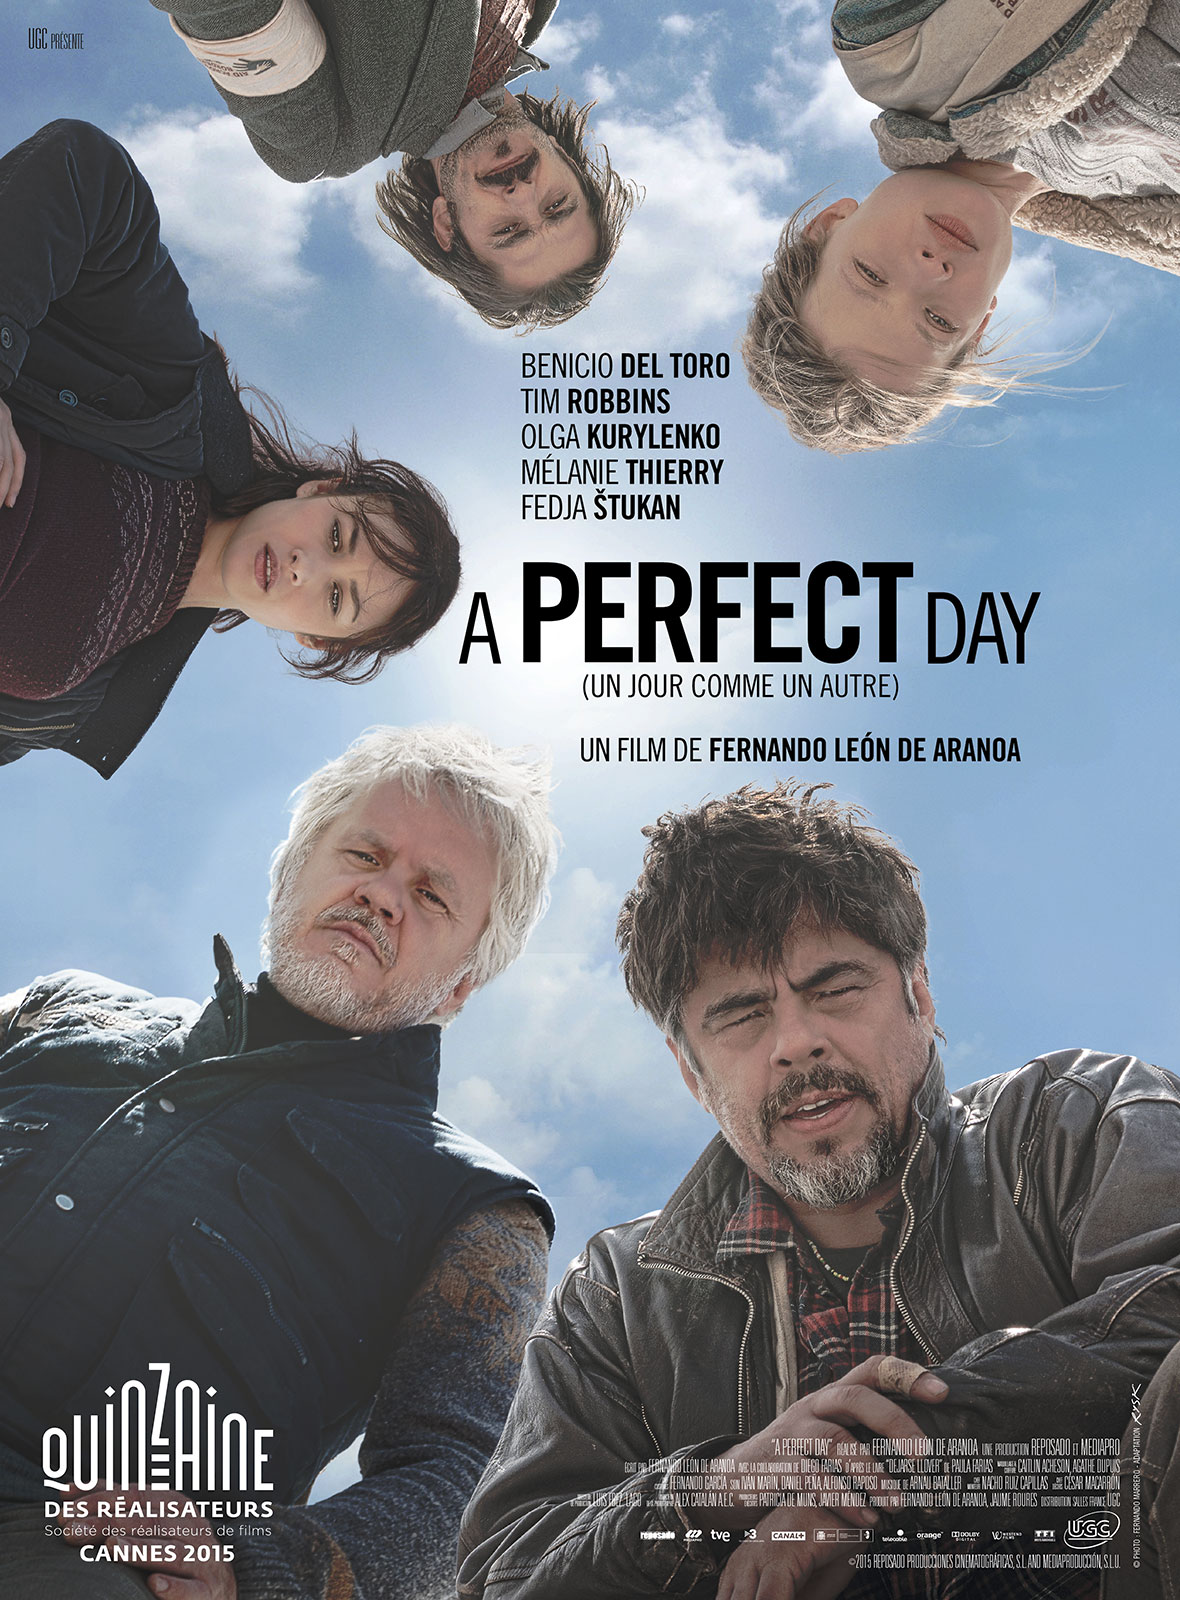 A perfect day, un jour comme un autre ddl